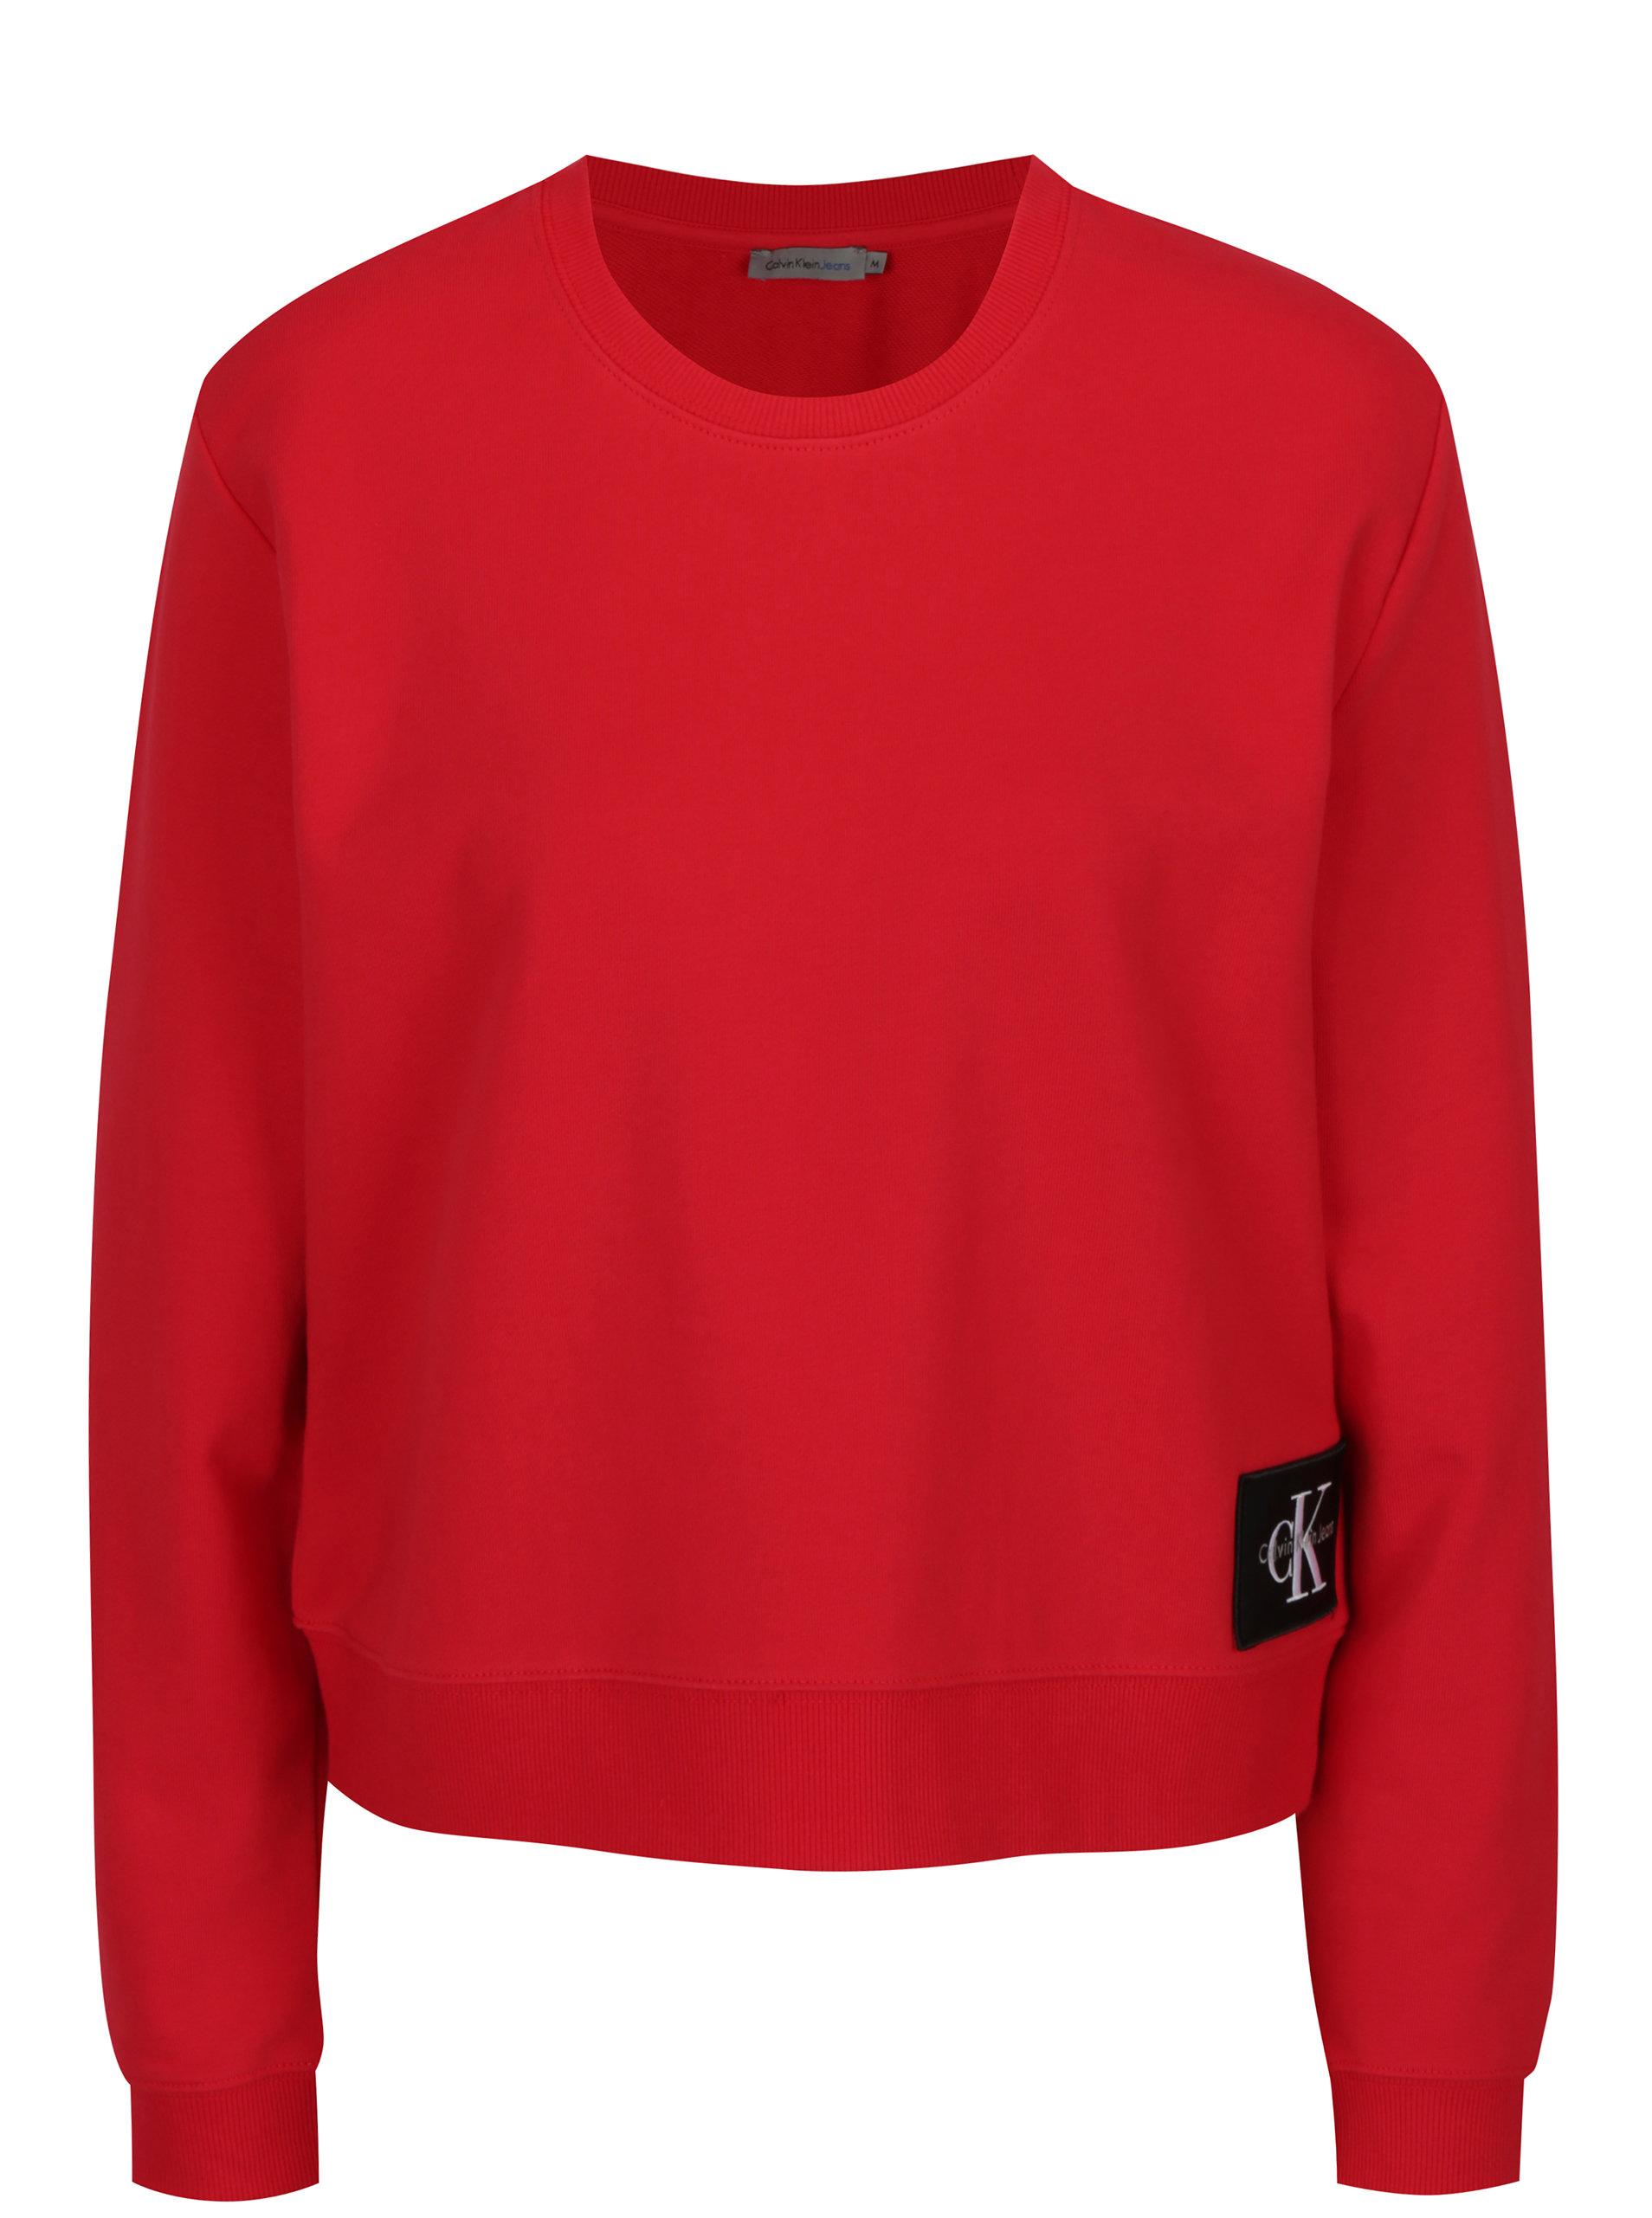 Červená dámská krátká basic mikina Calvin Klein Jeans ... 37015a11a53